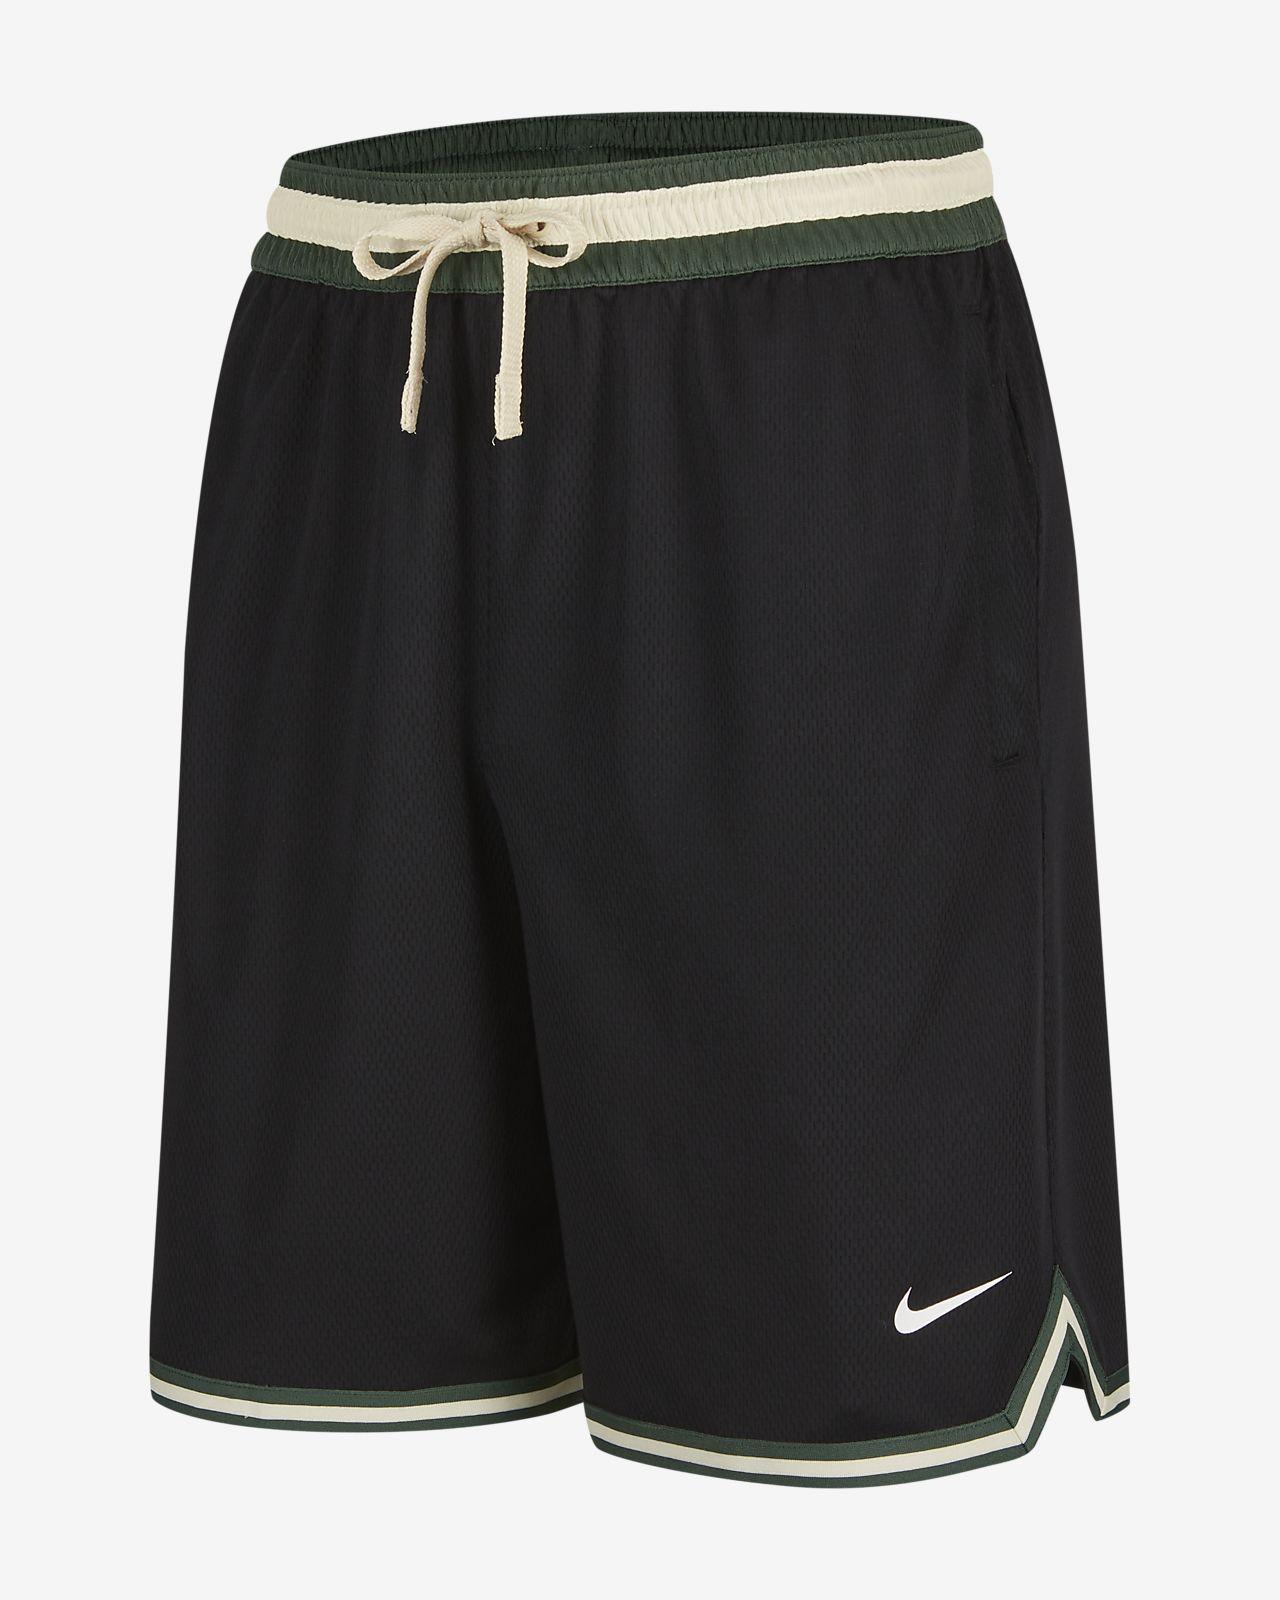 密尔沃基雄鹿队 Statement DNA Nike NBA 男子短裤